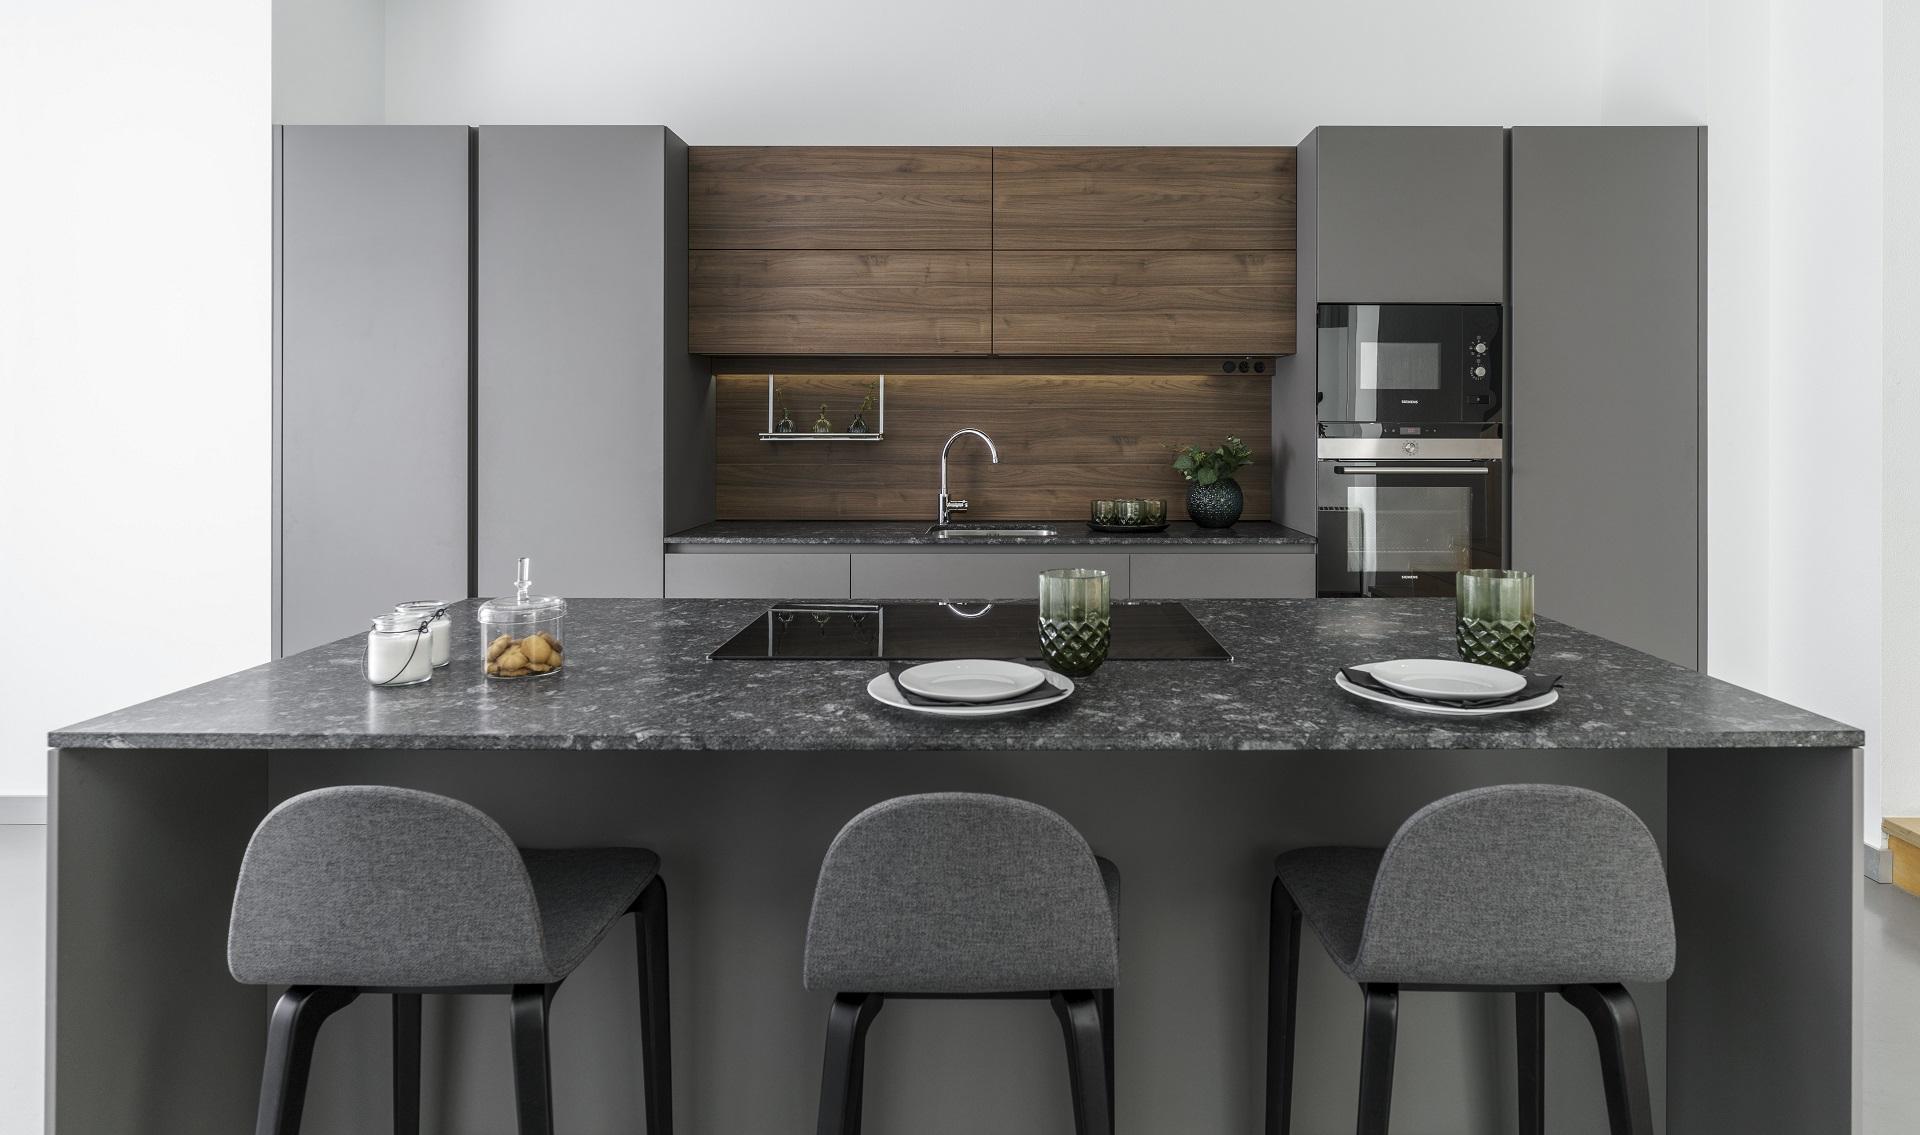 Cocina gris y madera Santiago Interiores